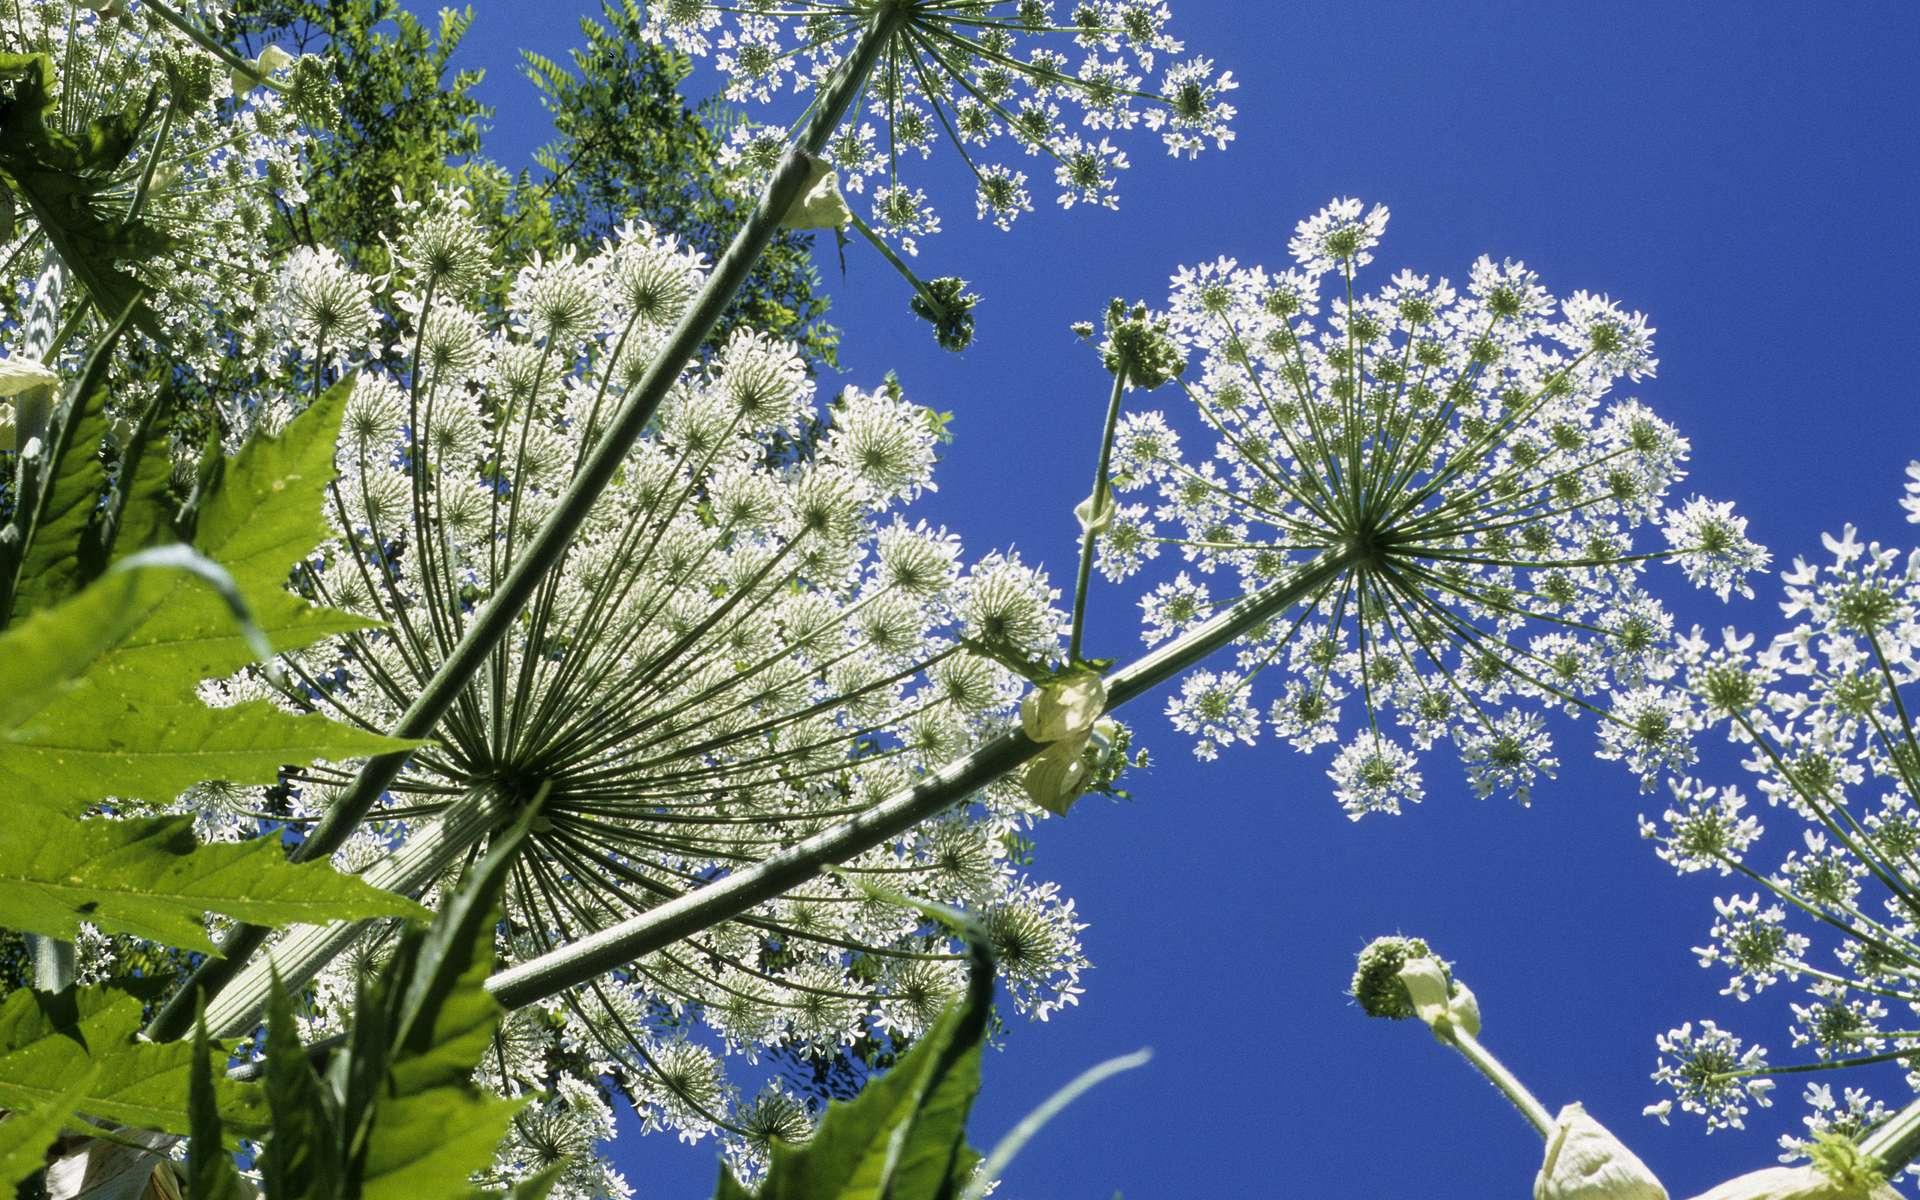 La berce de Caucase, Heracleum mantegazzianum, peut atteindre trois à quatre mètres de haut. © Pixaterra, Adobe stock